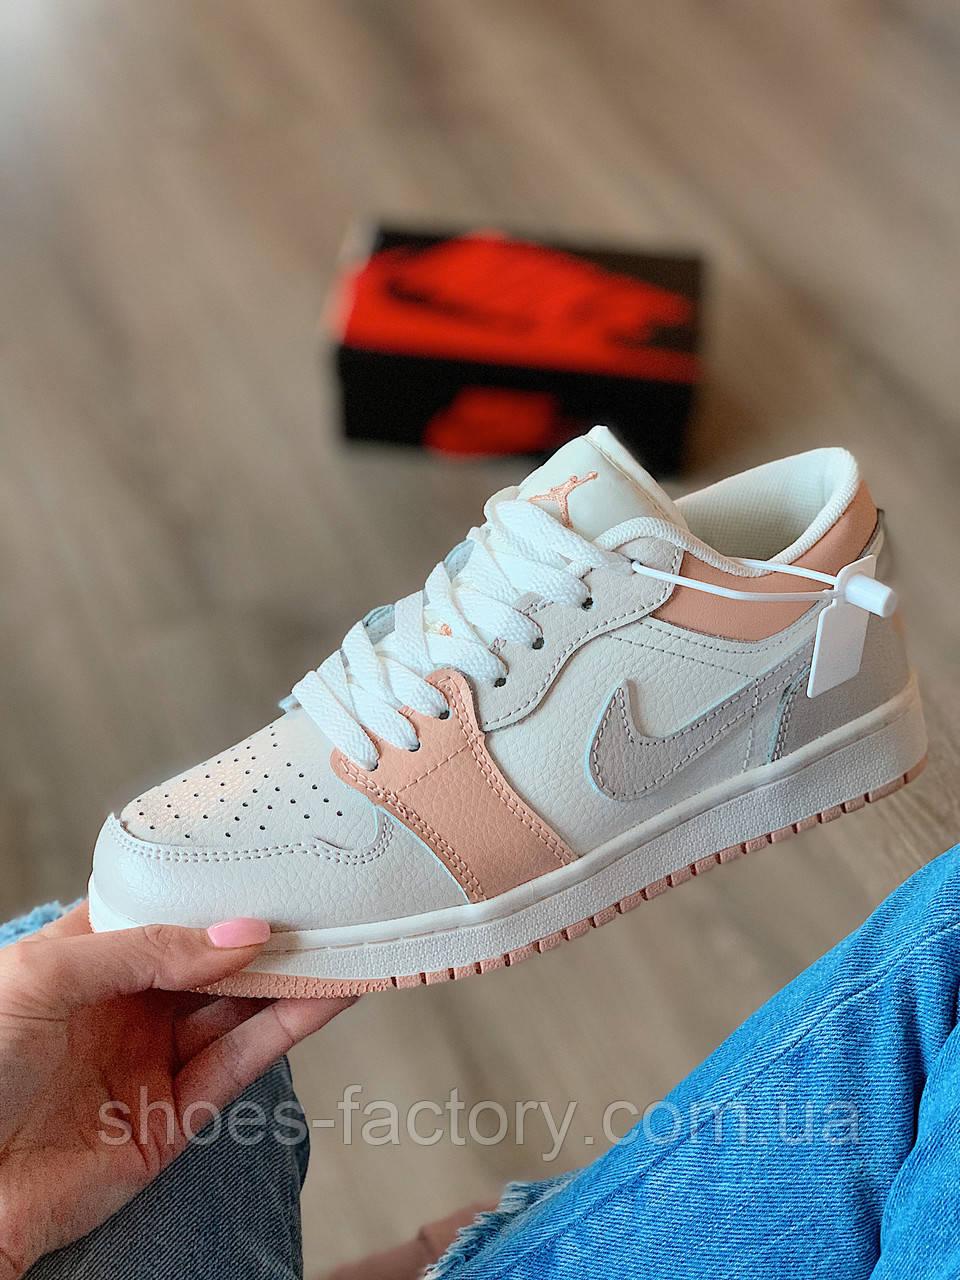 Nike Air Jordan 1 Low Кроссовки женские кожаные